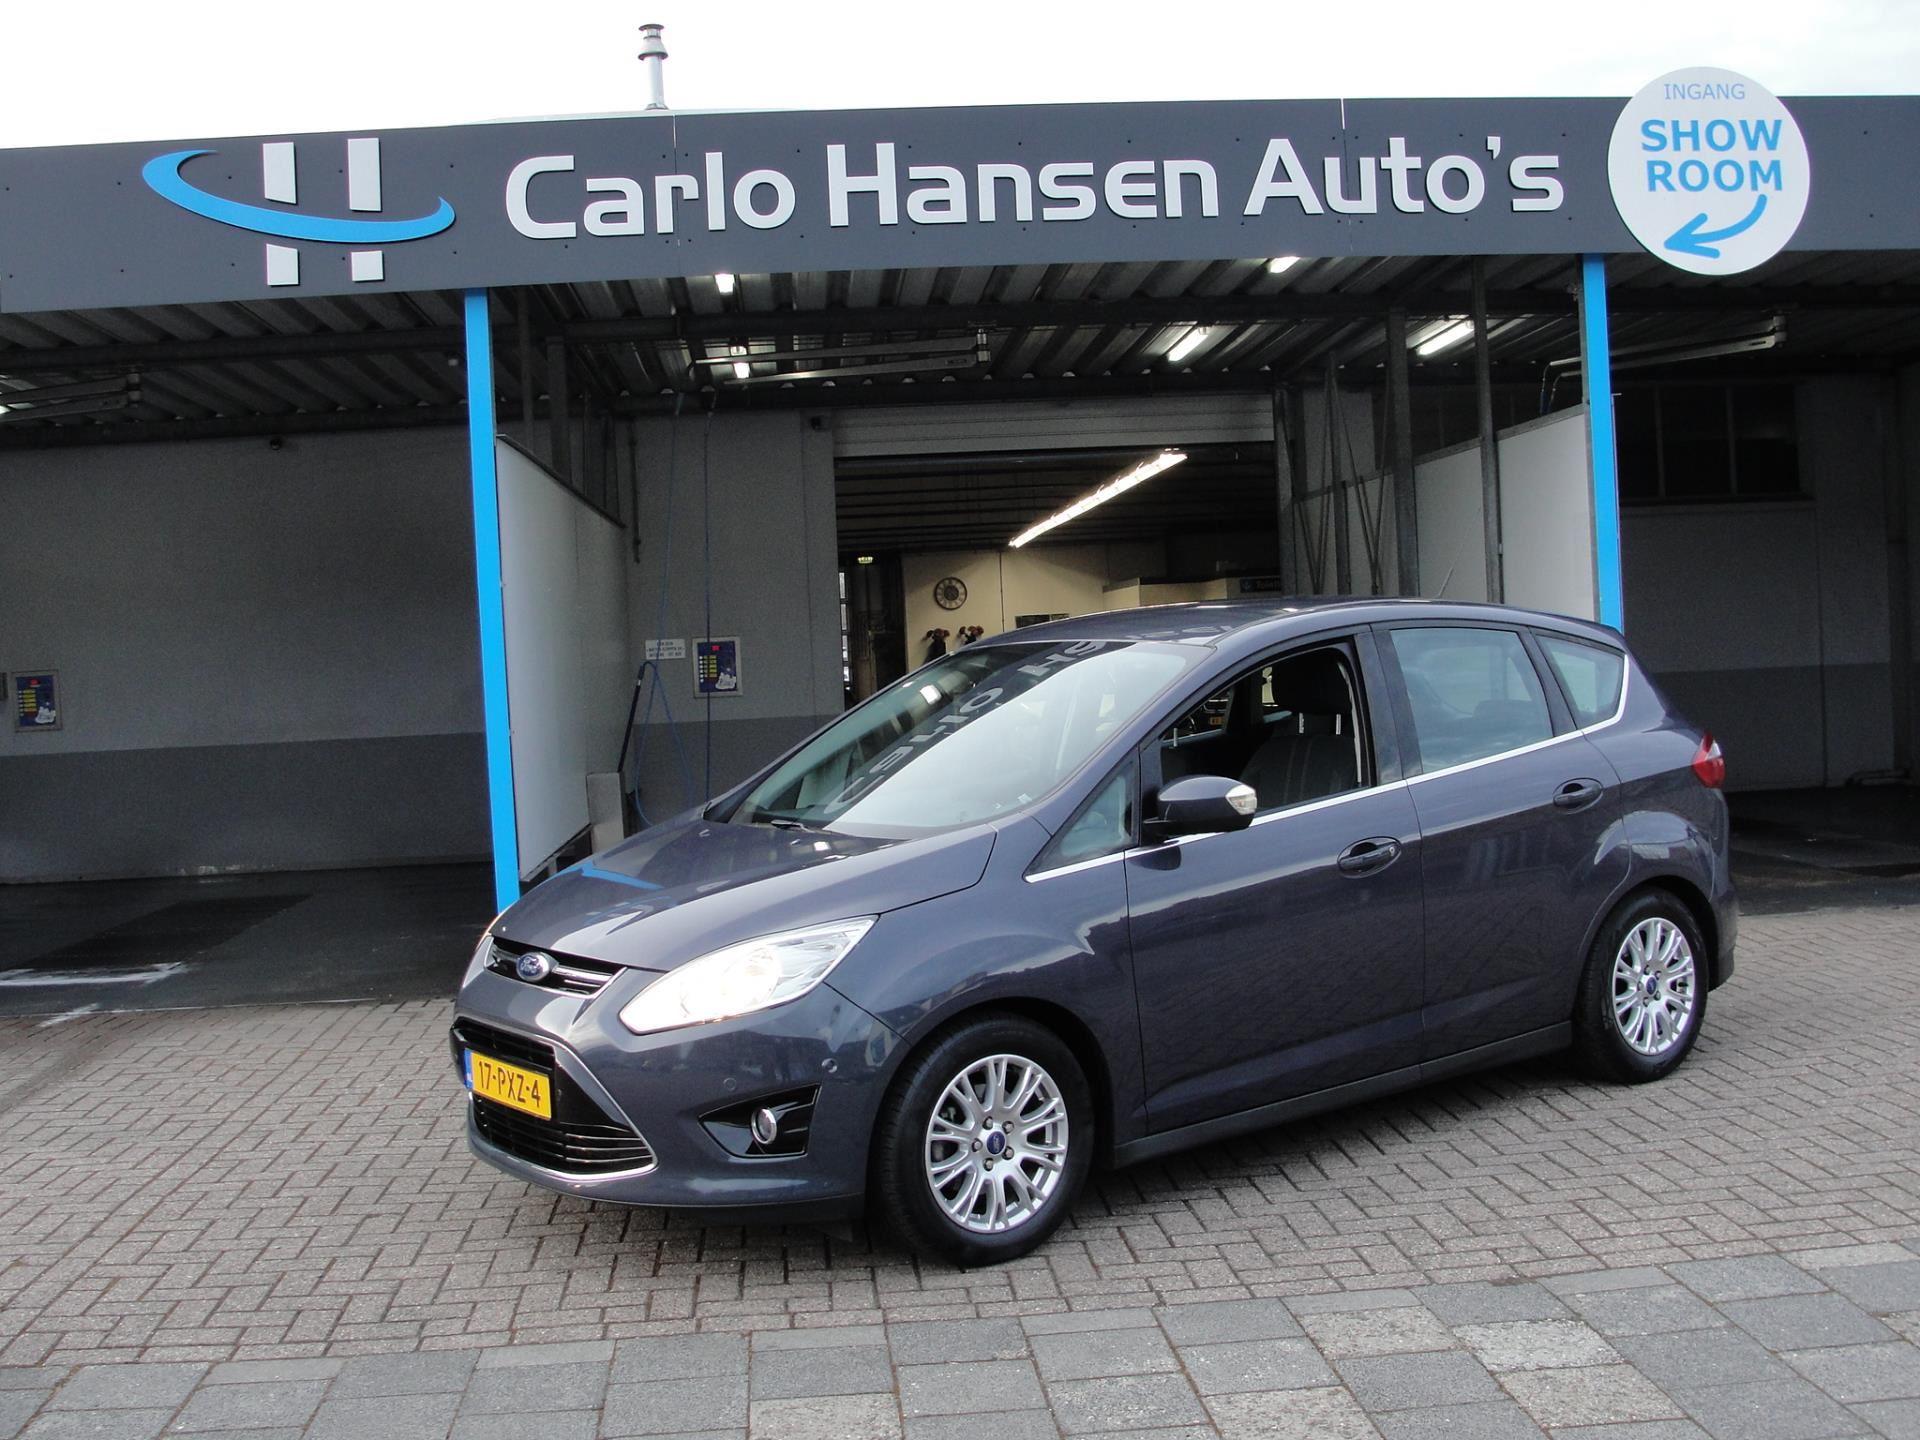 Ford C-Max occasion - Autobedrijf Carlo Hansen